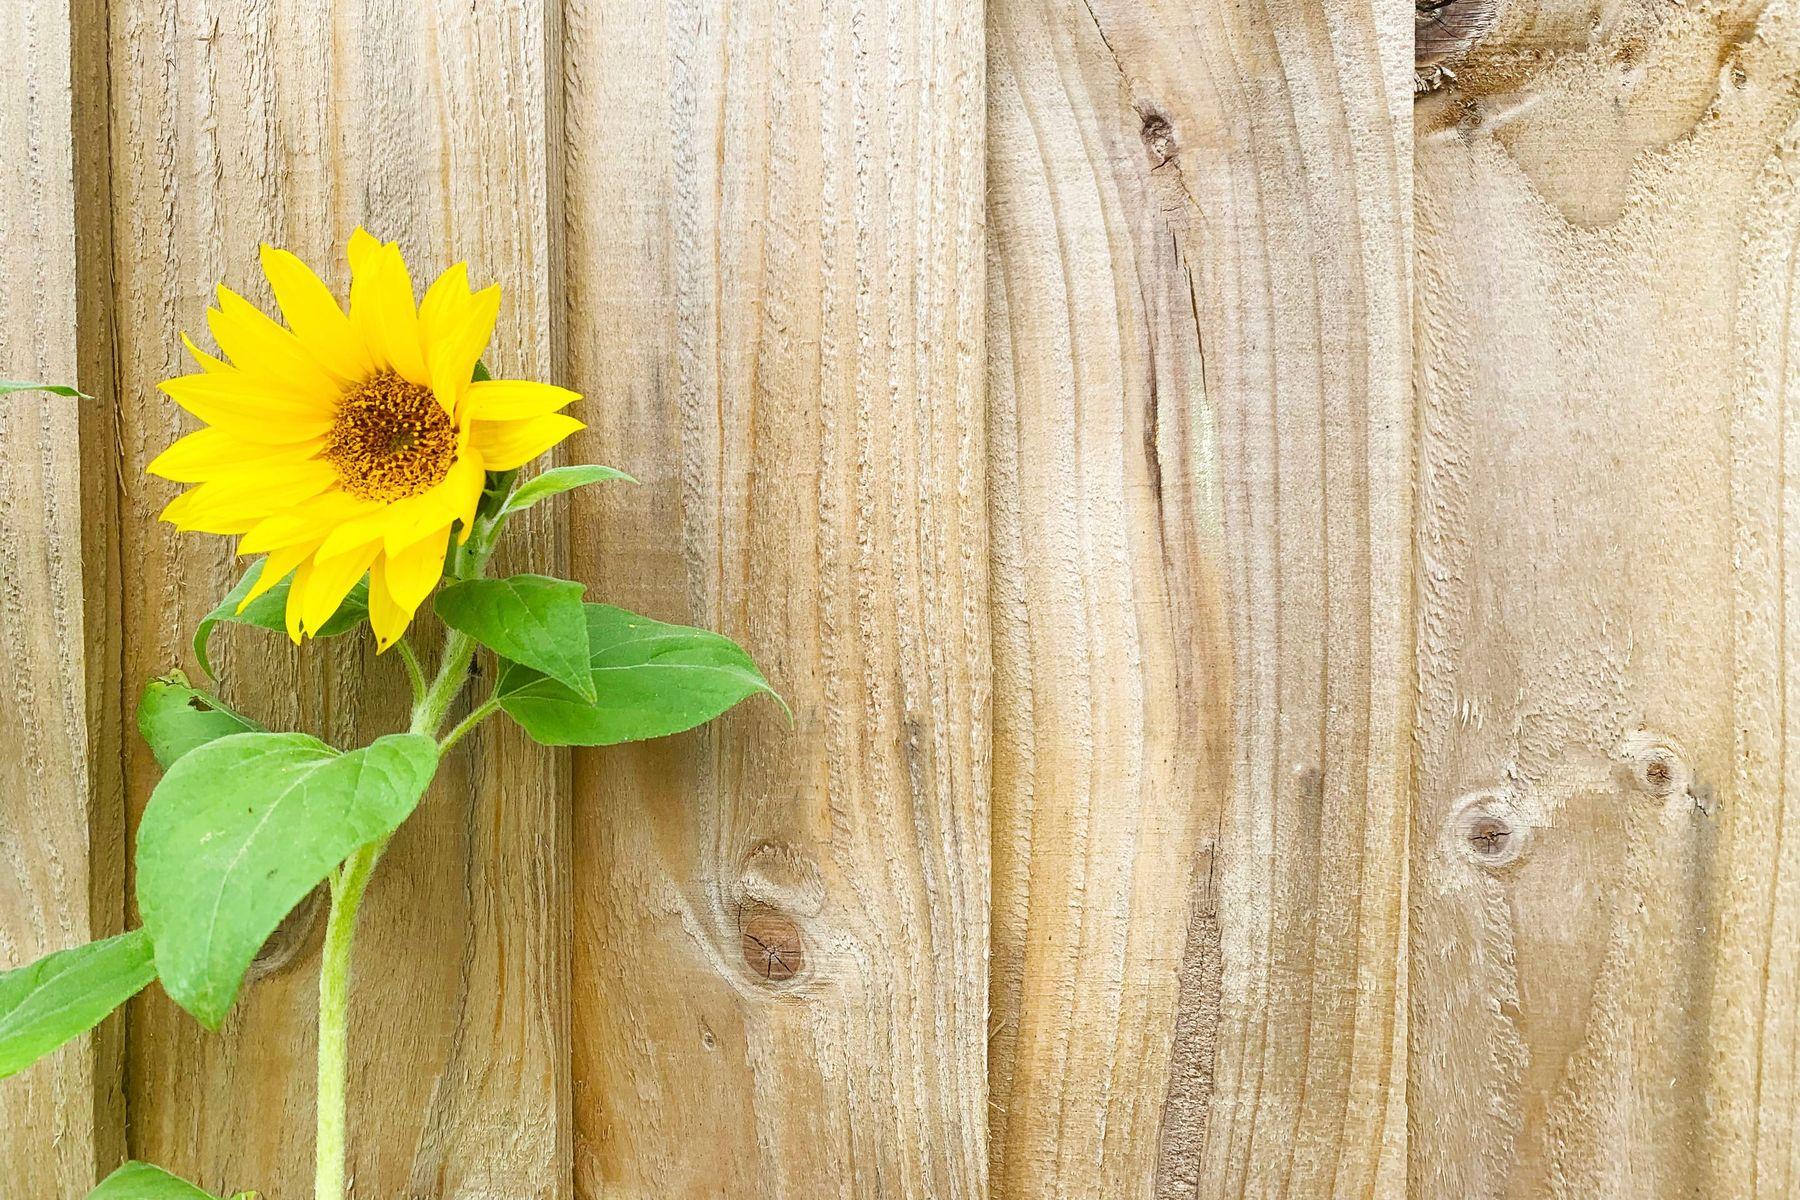 Sonnenblumenblume, die an einem Bretterboden sich lehnt